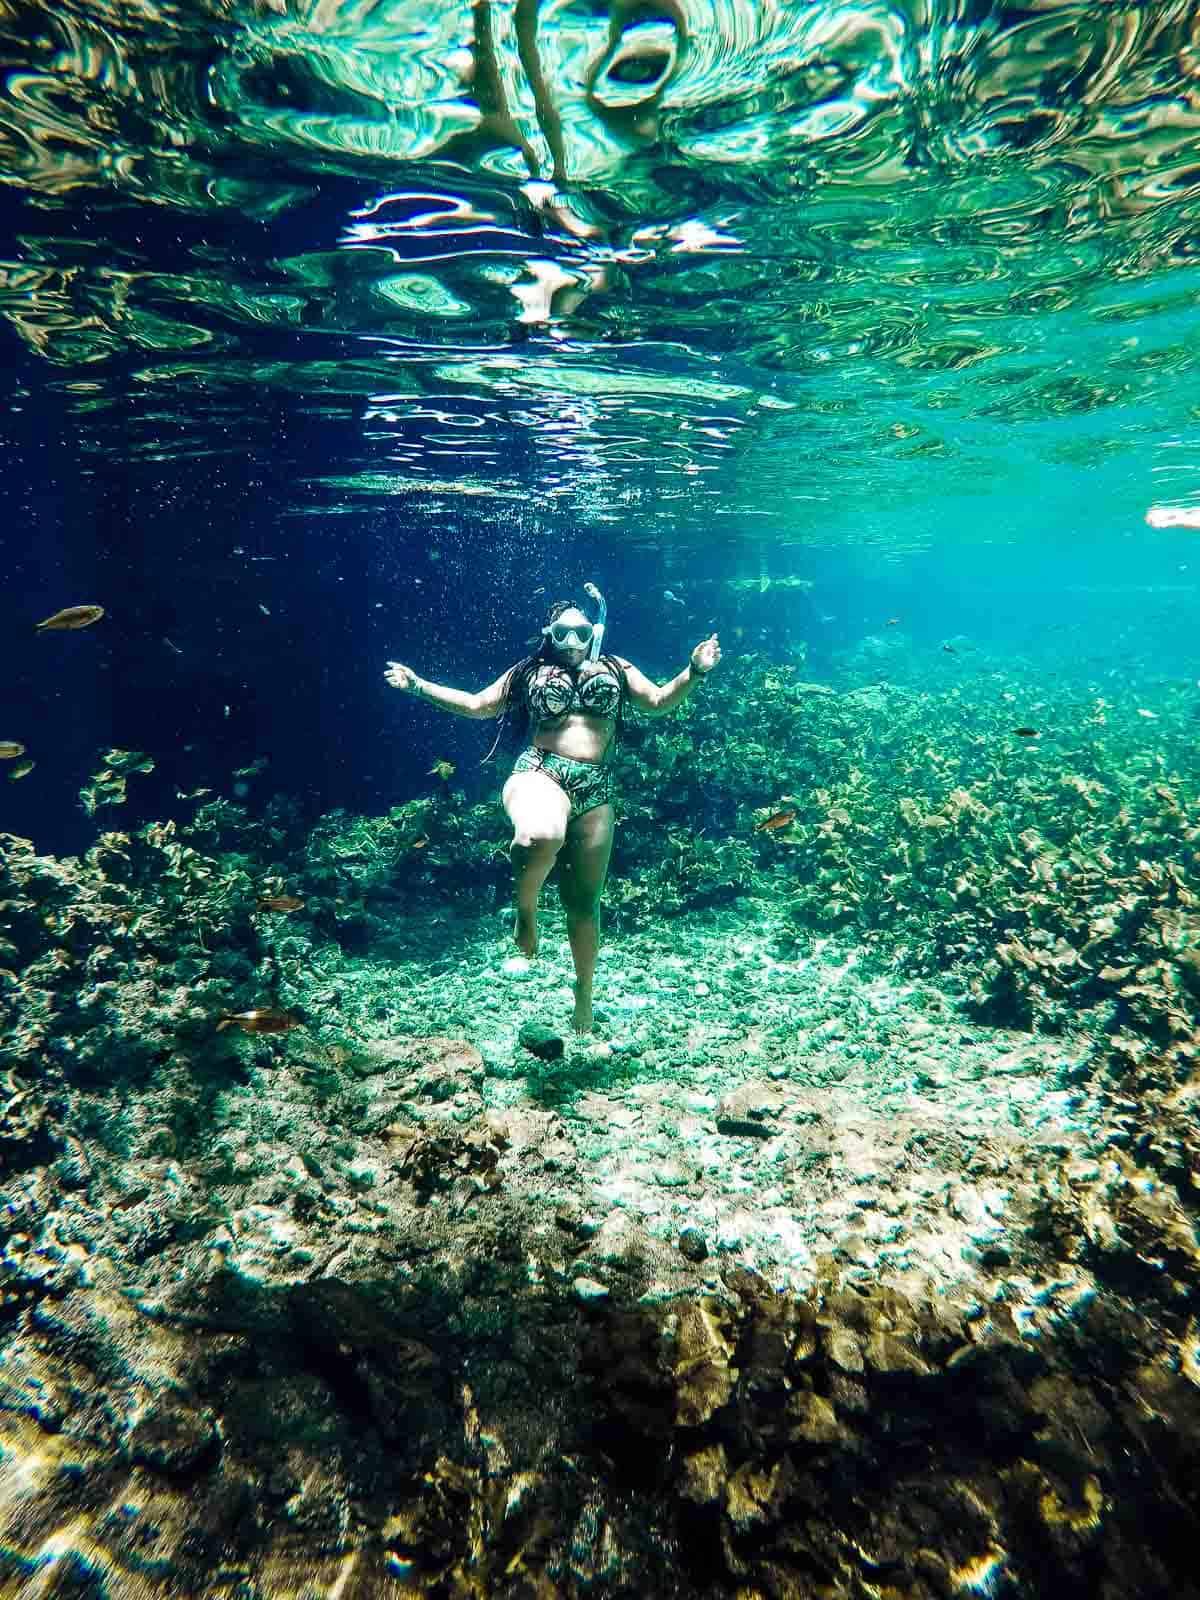 Jessica underwater, scuba diving.